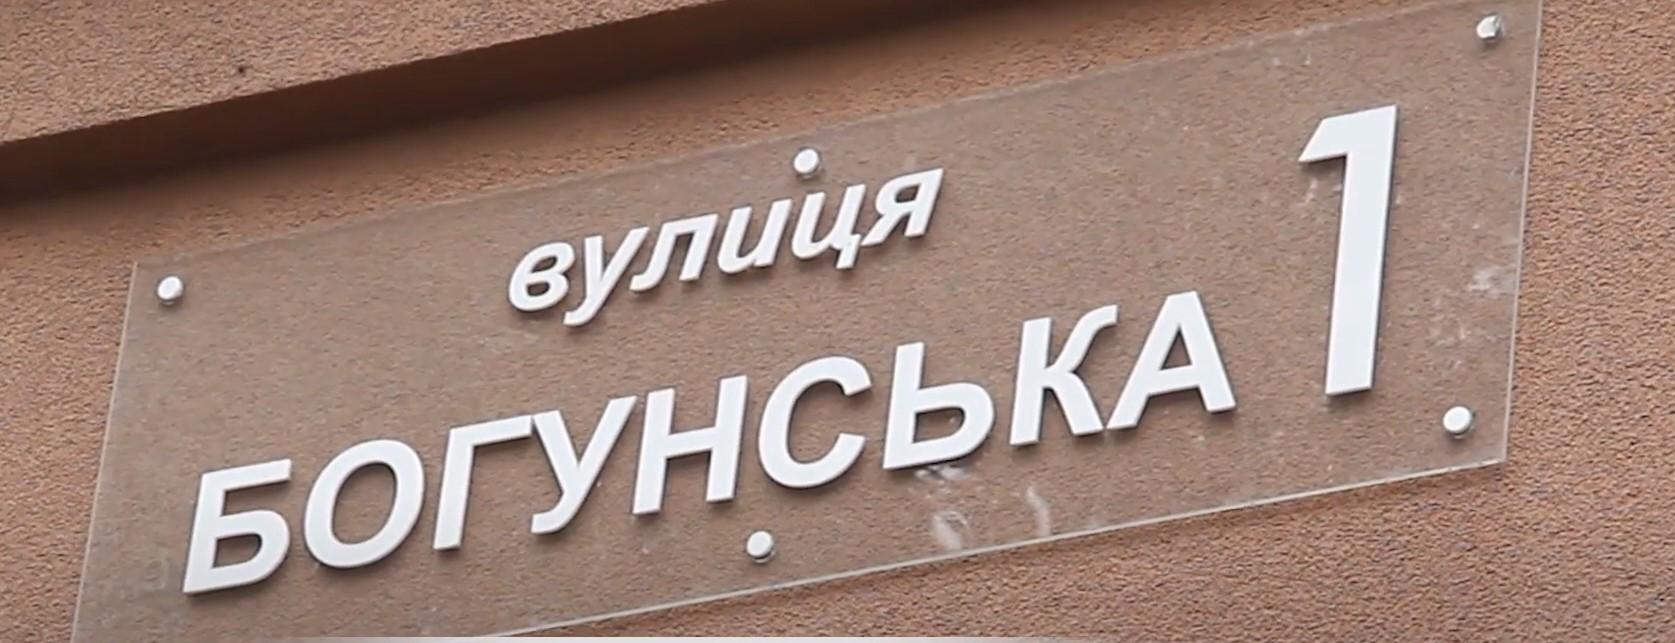 Одну із вулиць в Івано-Франківську декомунізують. Відео